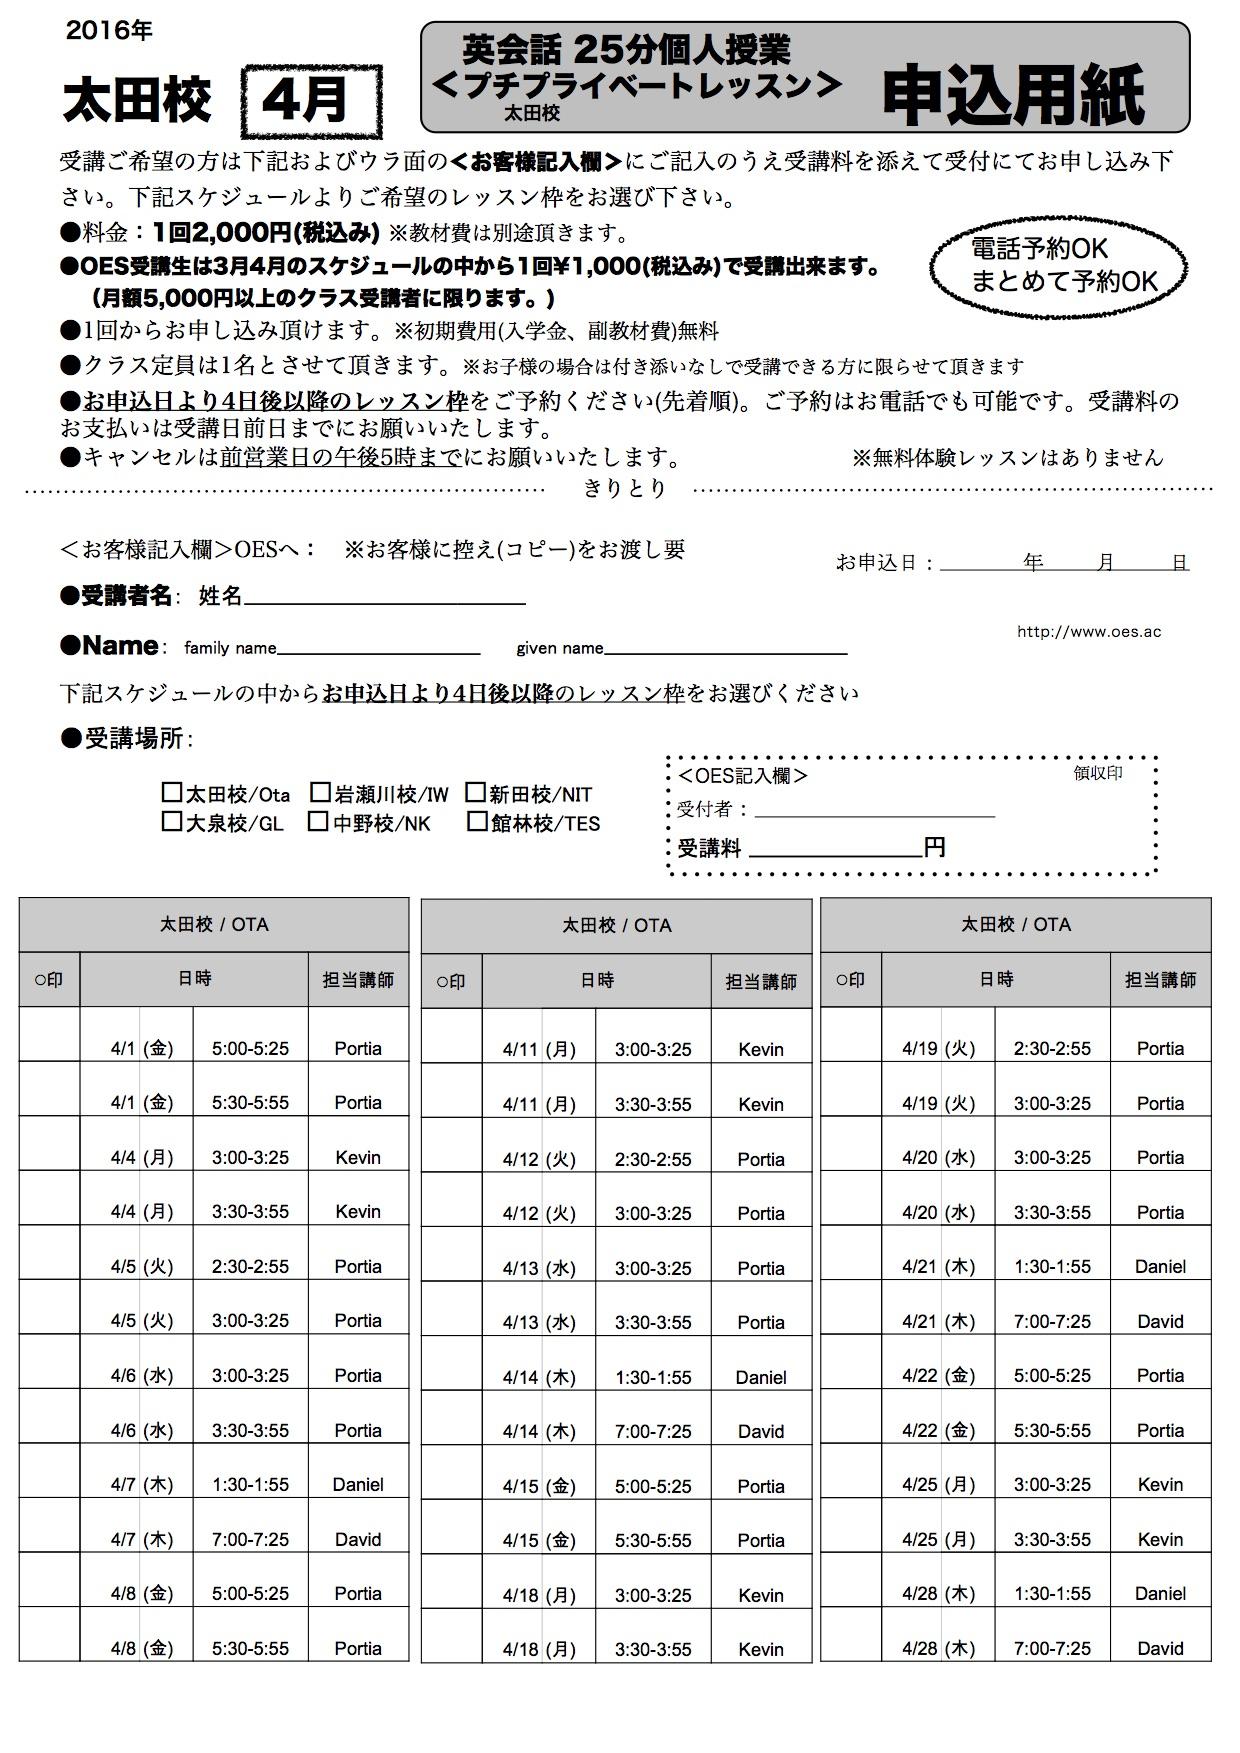 4月太田校プチプラ申込用紙